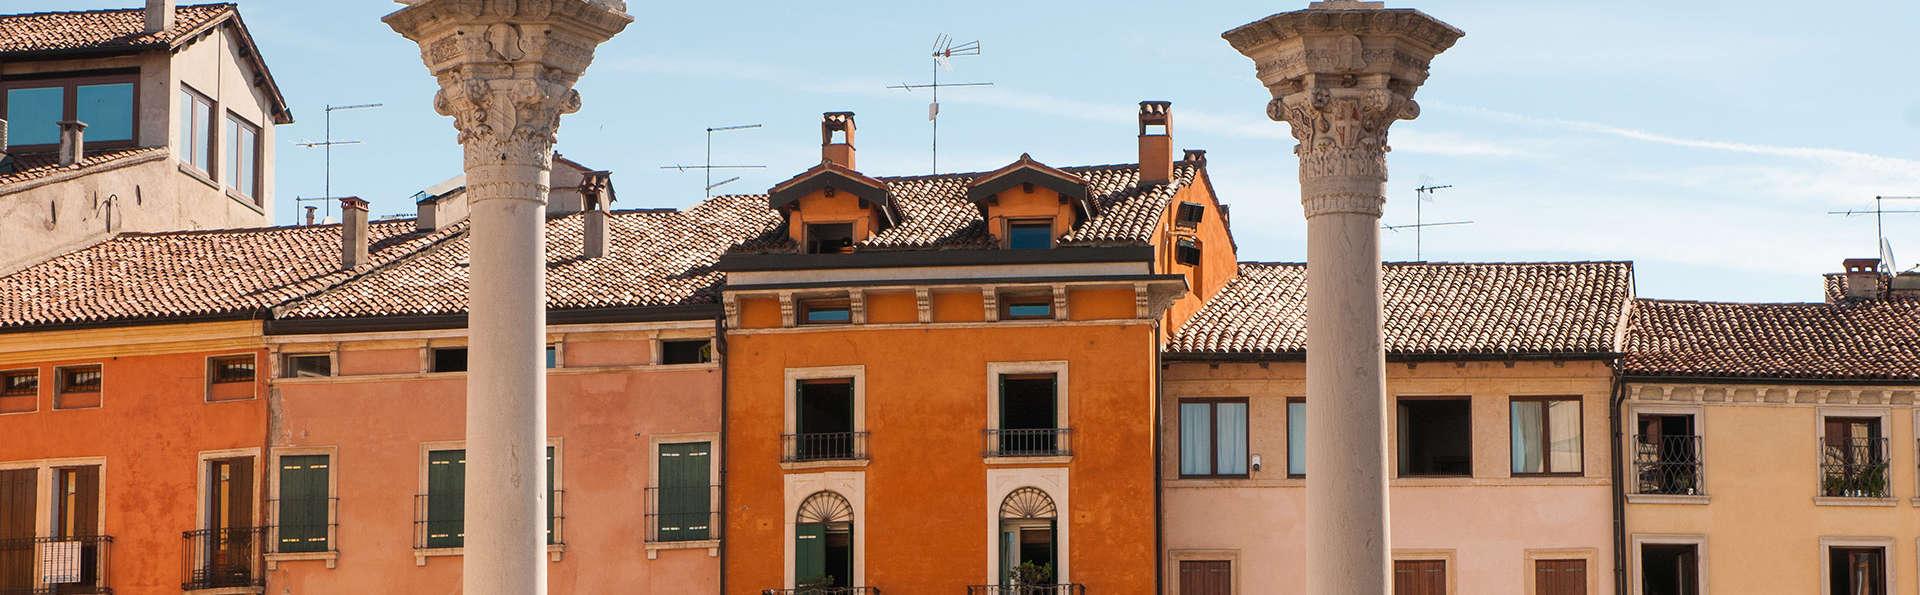 Visitez Vicence et séjournez dans un hôtel 4*